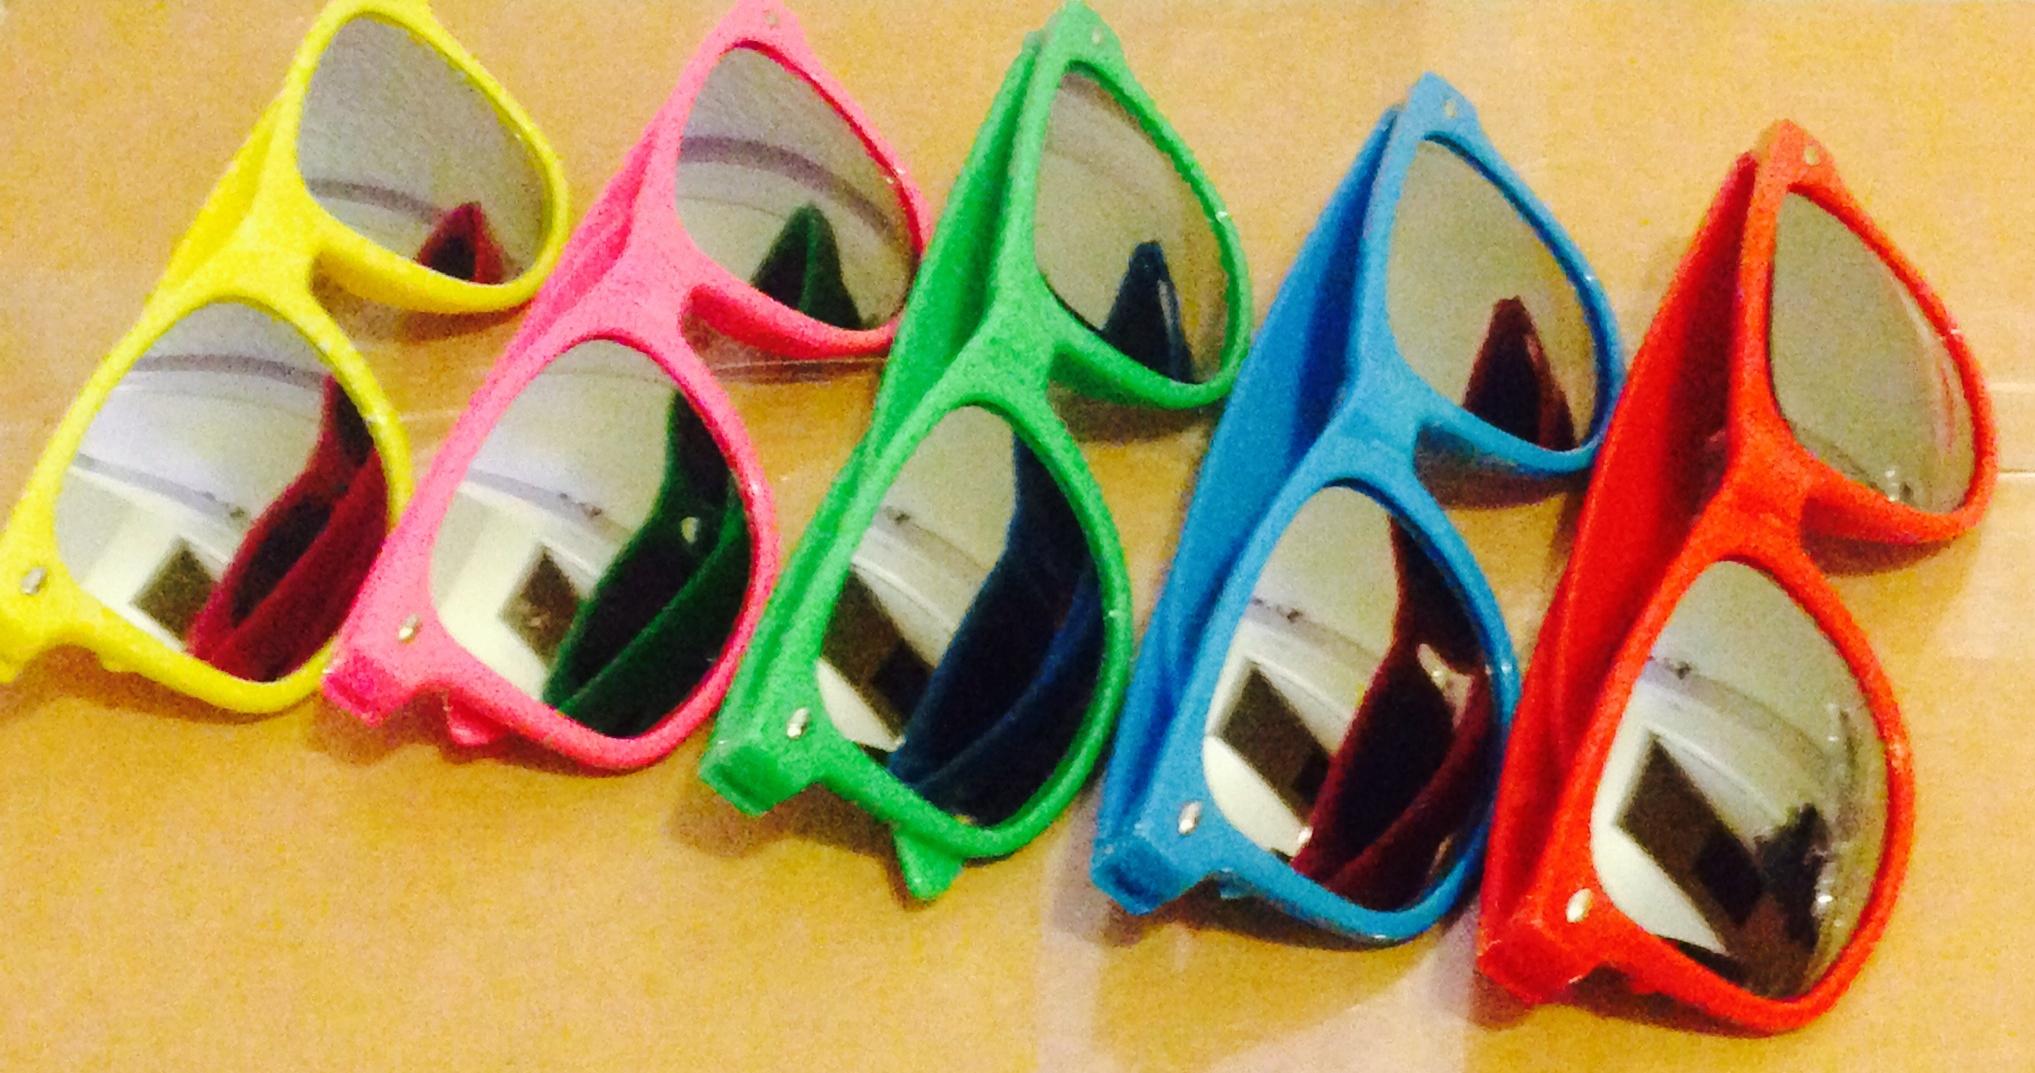 mirror-lens-promo-glasses-100-pack-bulk.jpg